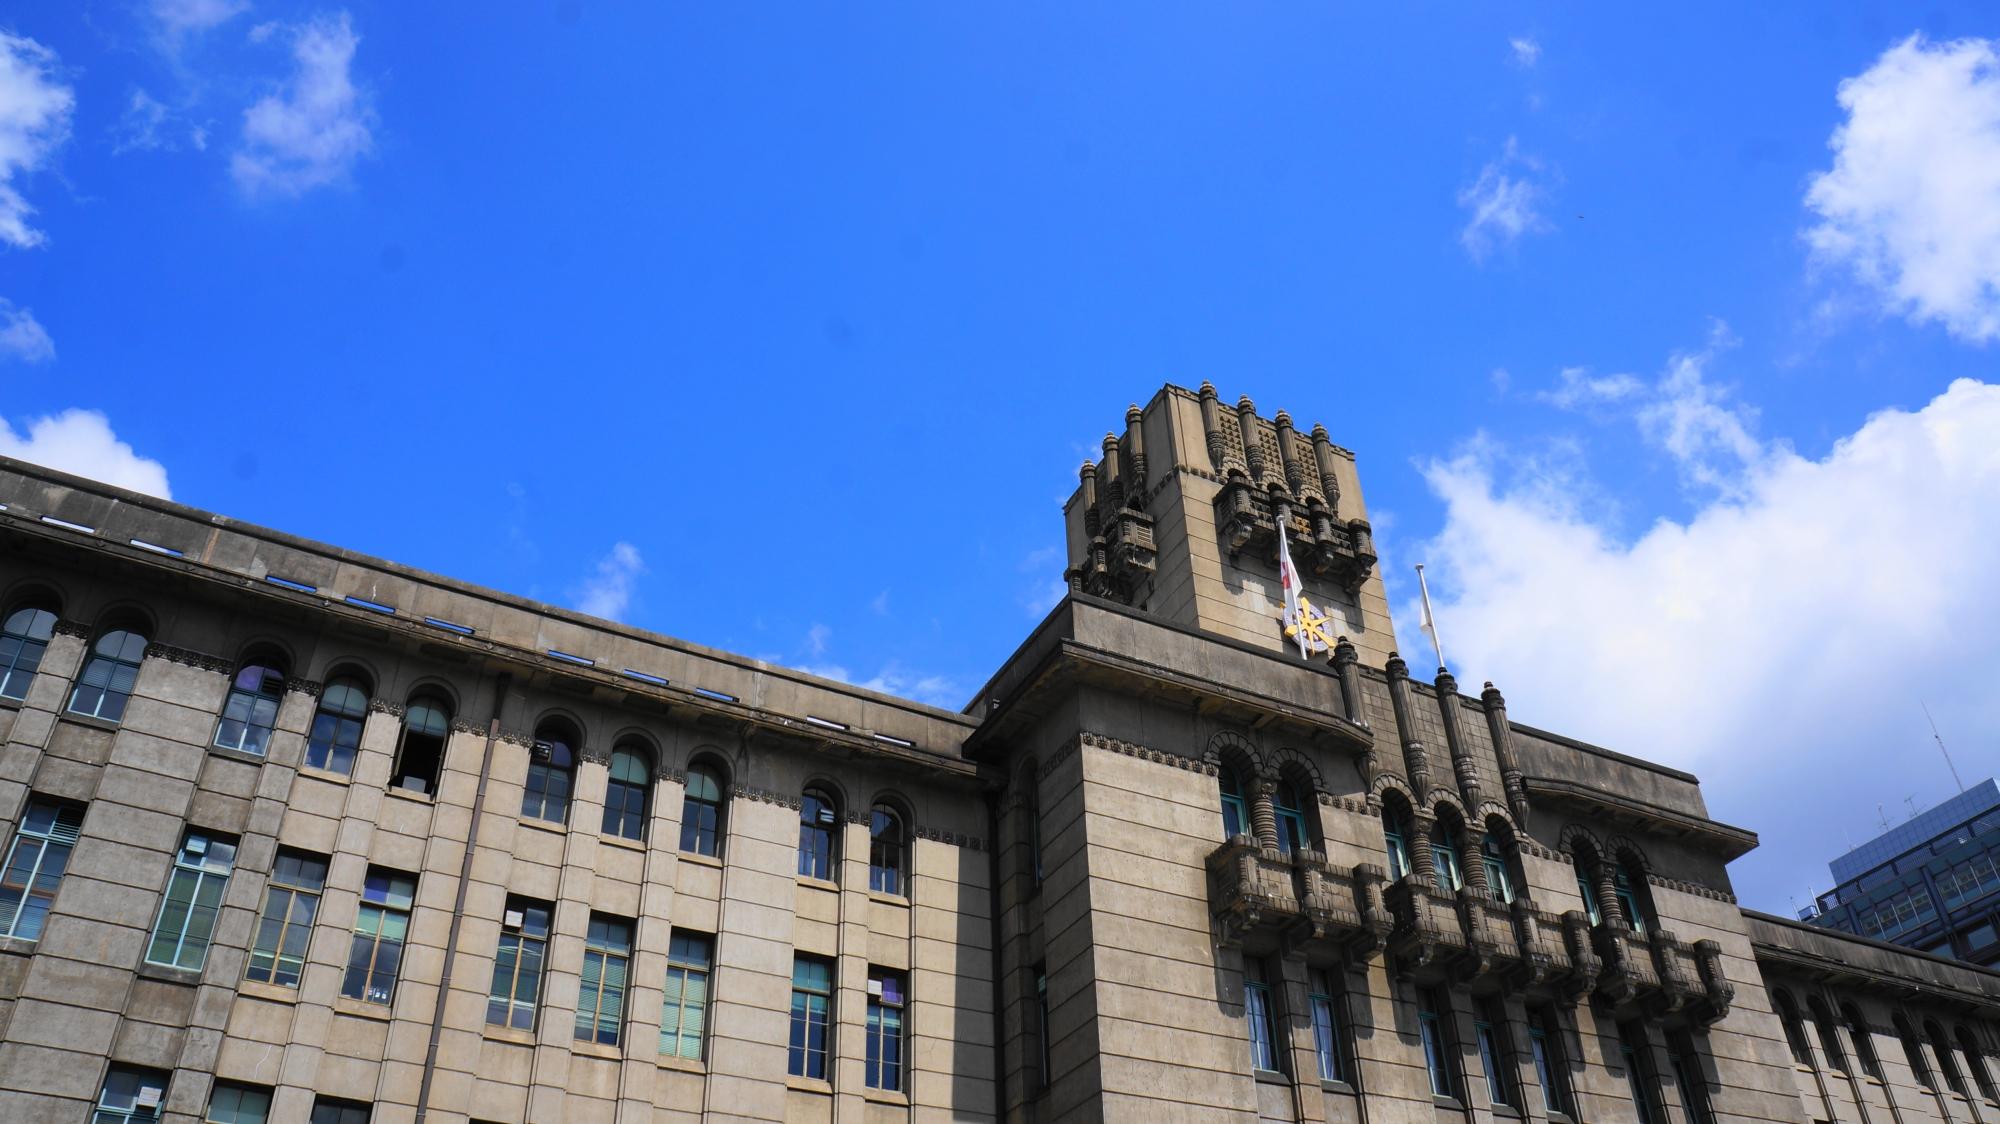 優雅に佇むレトロな京都市役所